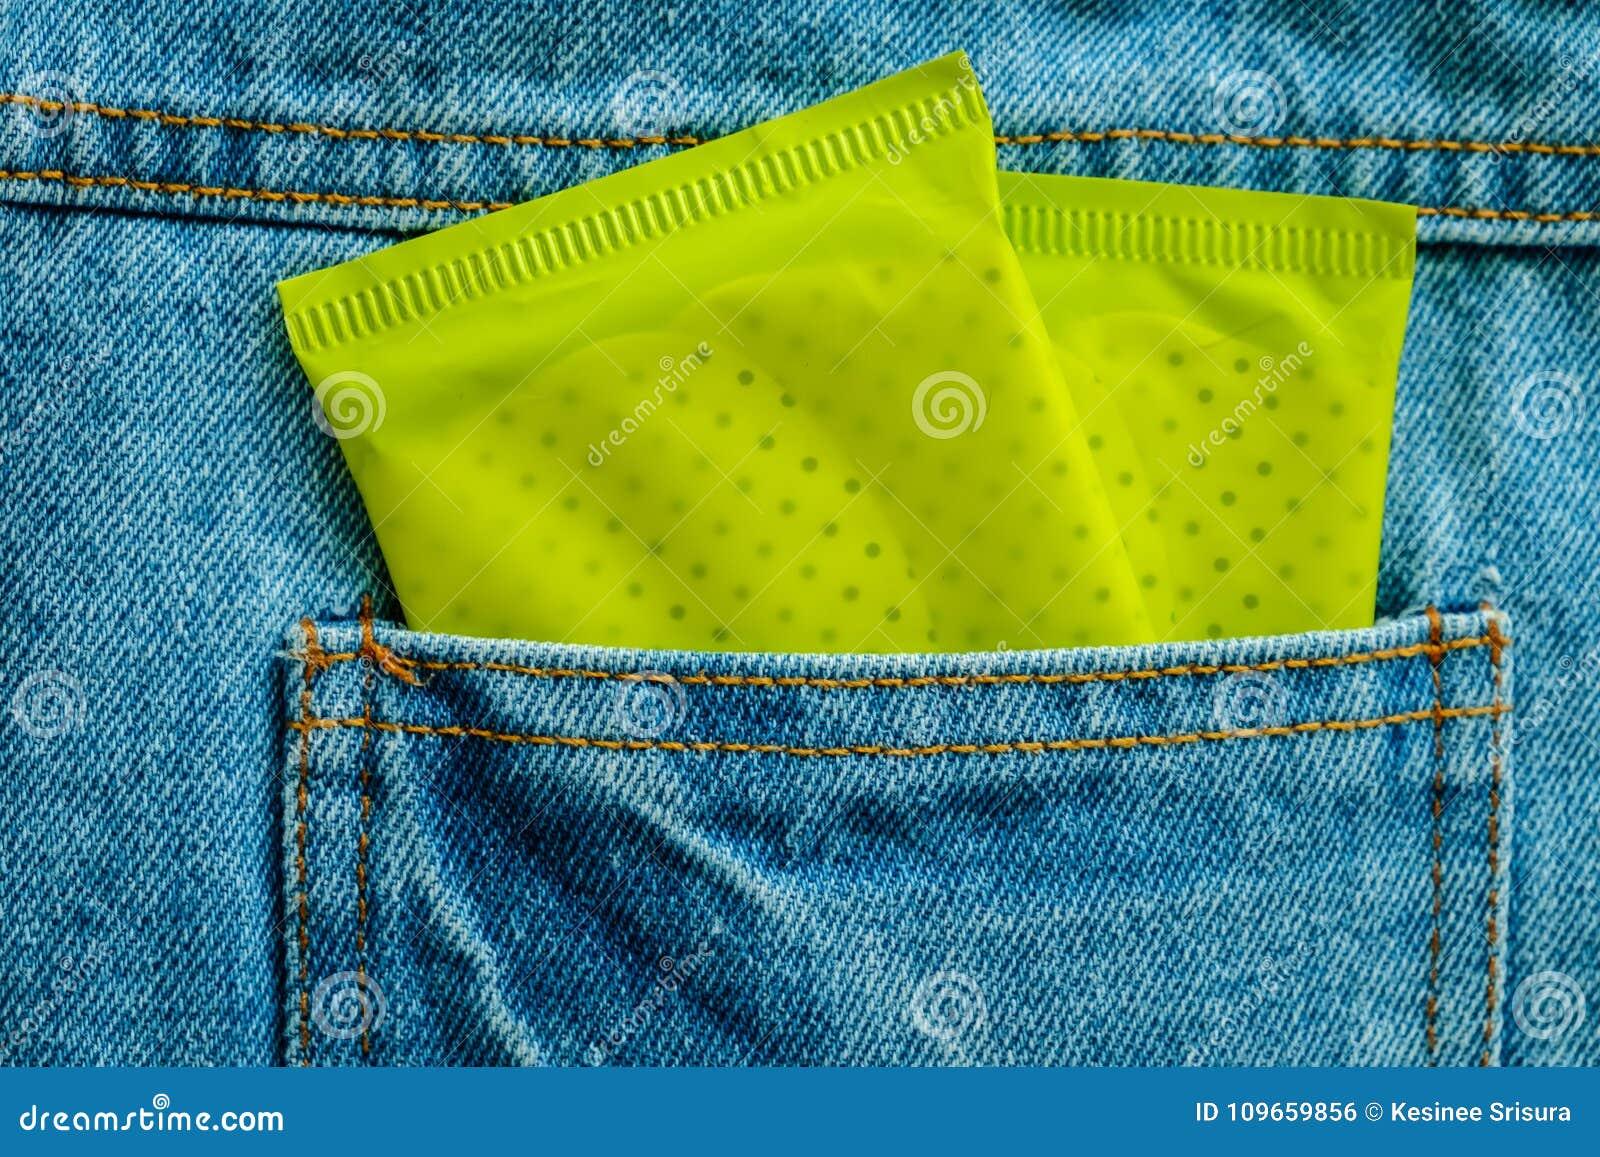 Πράσινη συσκευασία της θηλυκής υγειονομικής πετσέτας στο πίσω μέρος του μπλε τσεπών